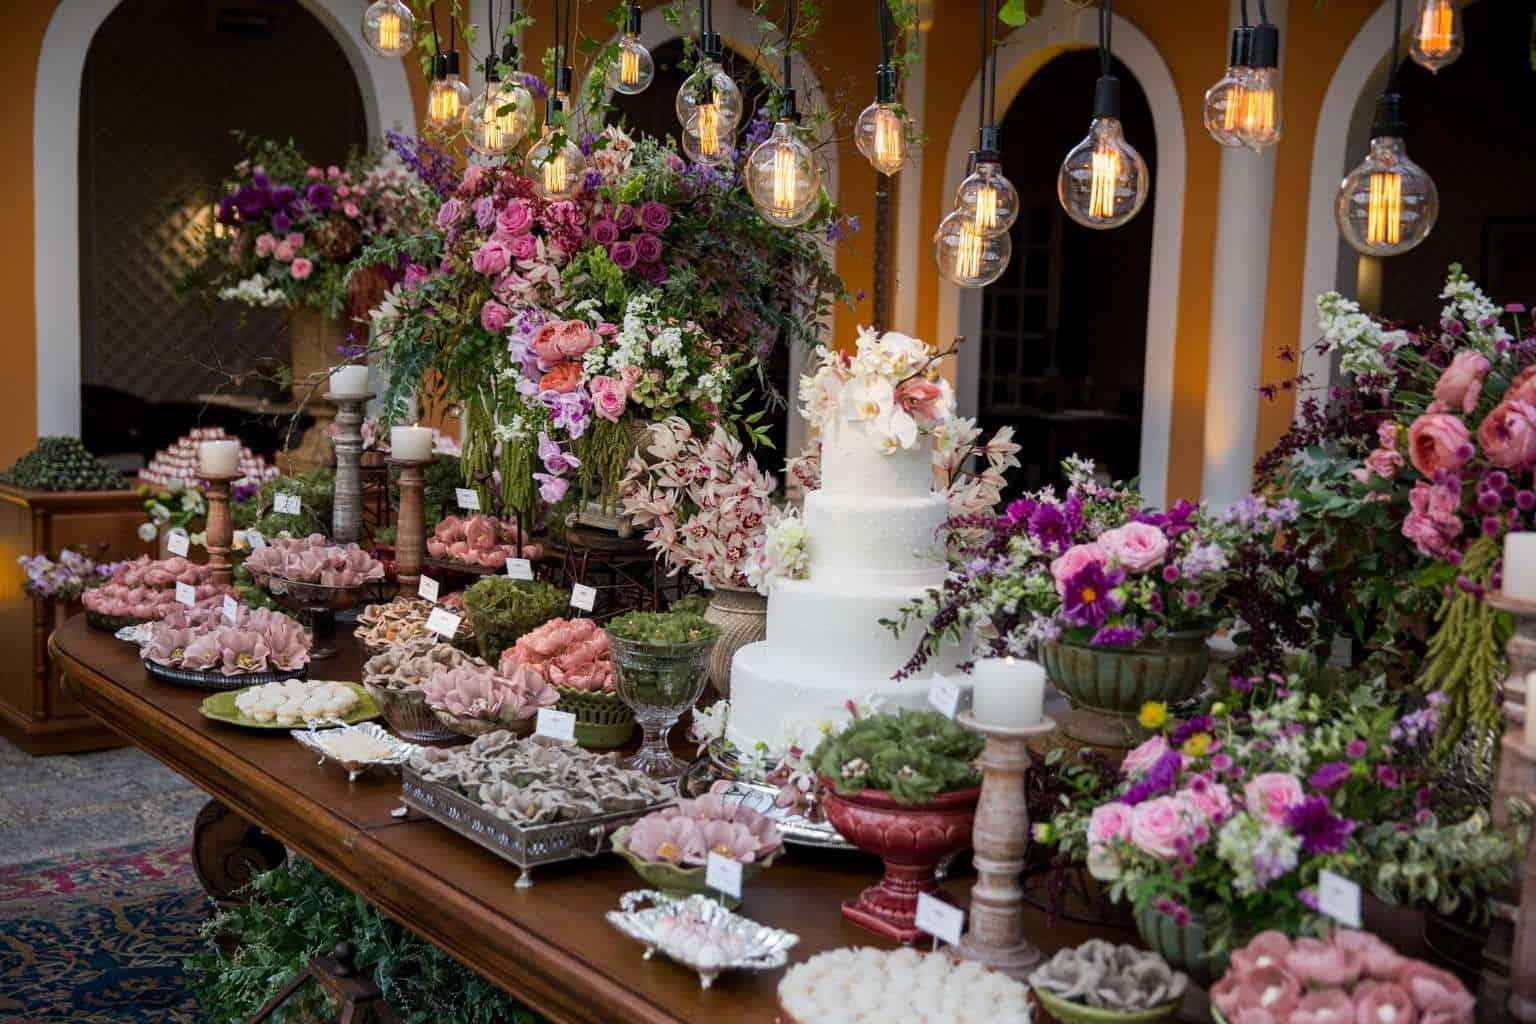 Andrea-Kapps-casamento-de-dia-casamento-na-serra-casamento-romântico-casamento-tradicional-decor-festa-decoração-Locanda-de-La-Mimosa-noiva-rosa-e-lilás-casamento-7